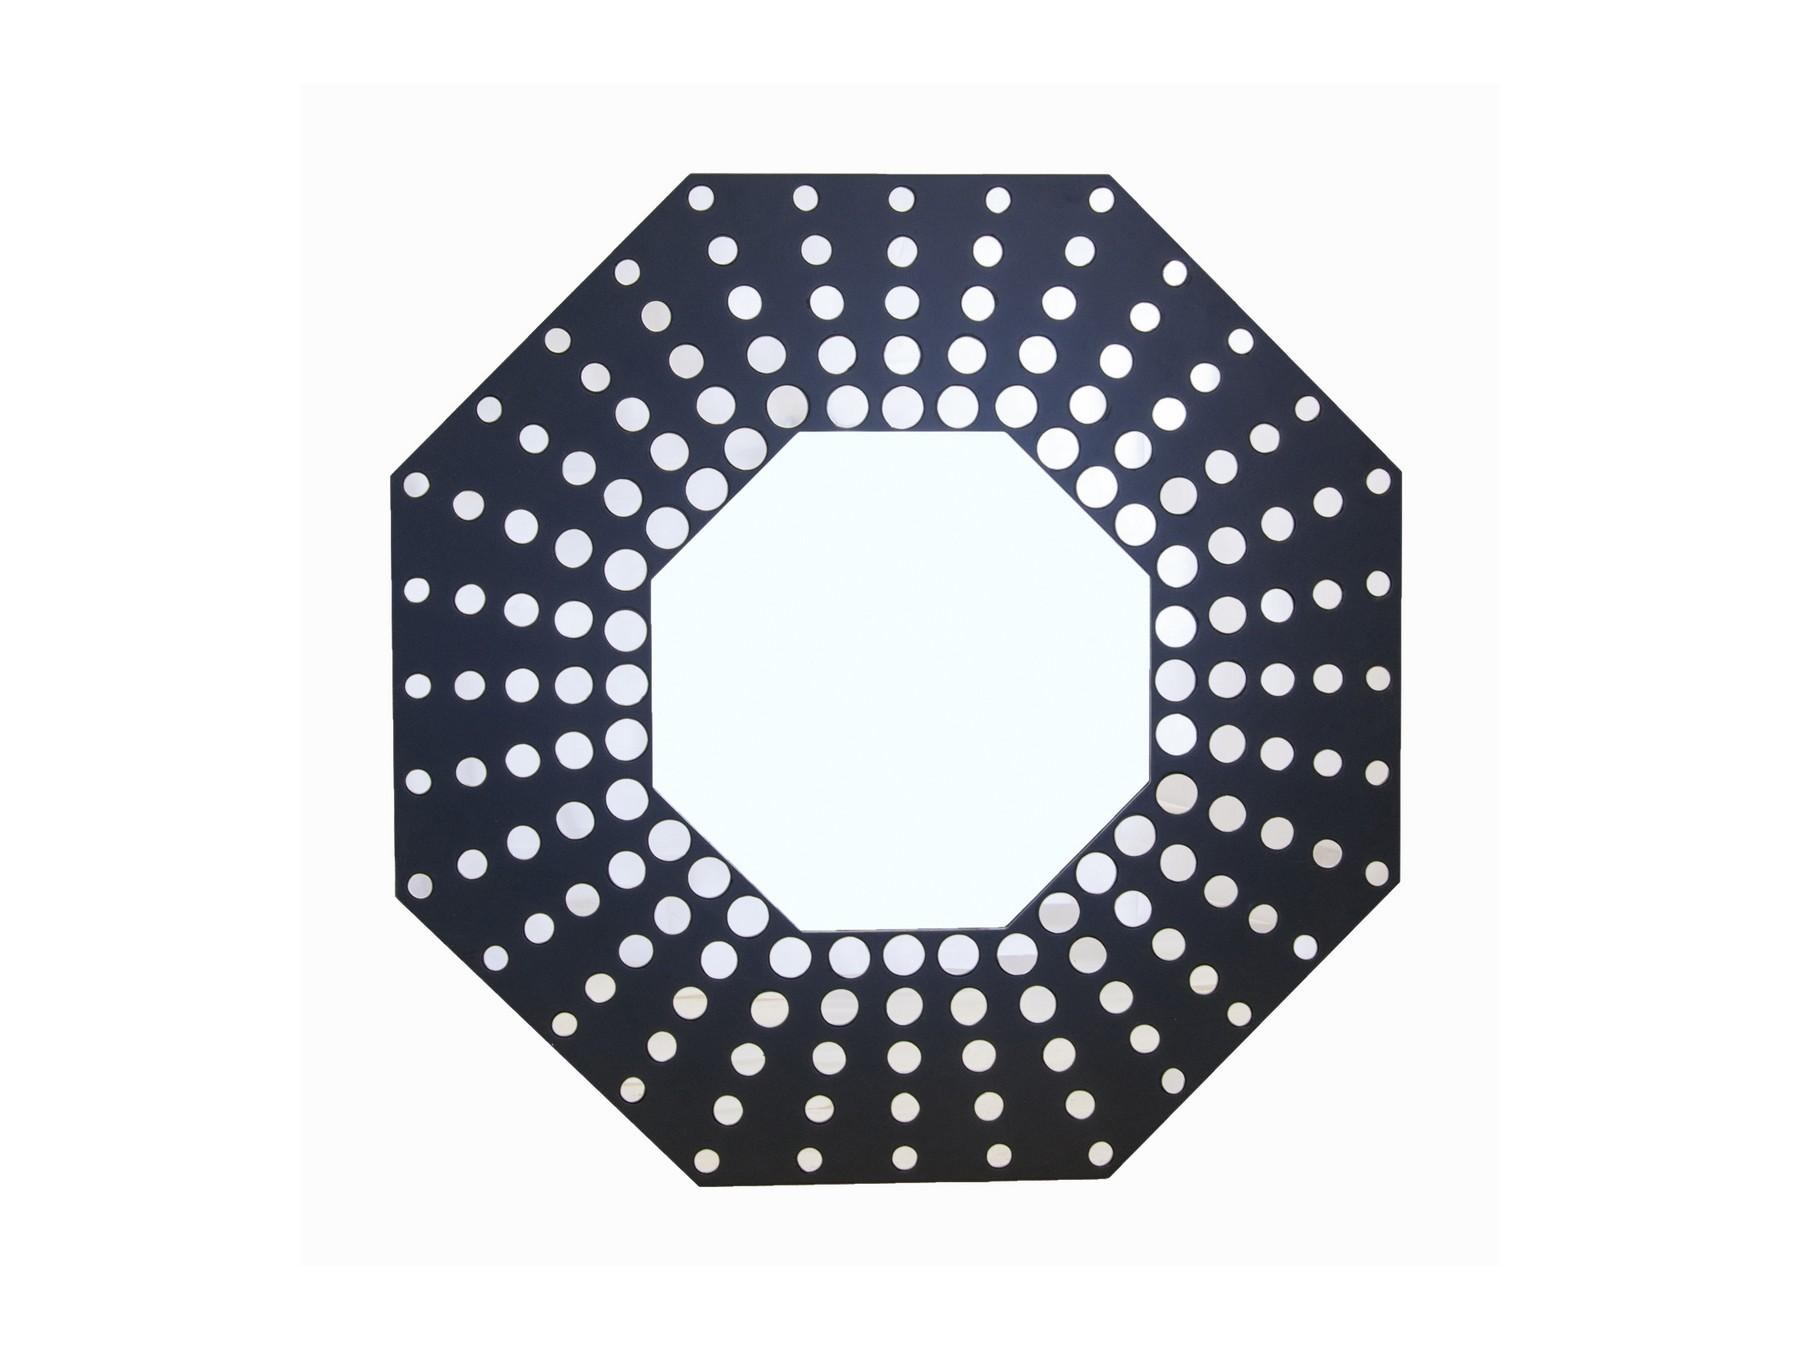 Зеркало CorbisНастенные зеркала<br>Материалы: МДФ, стекло<br><br>Material: МДФ<br>Width см: 90<br>Depth см: 4<br>Height см: 90